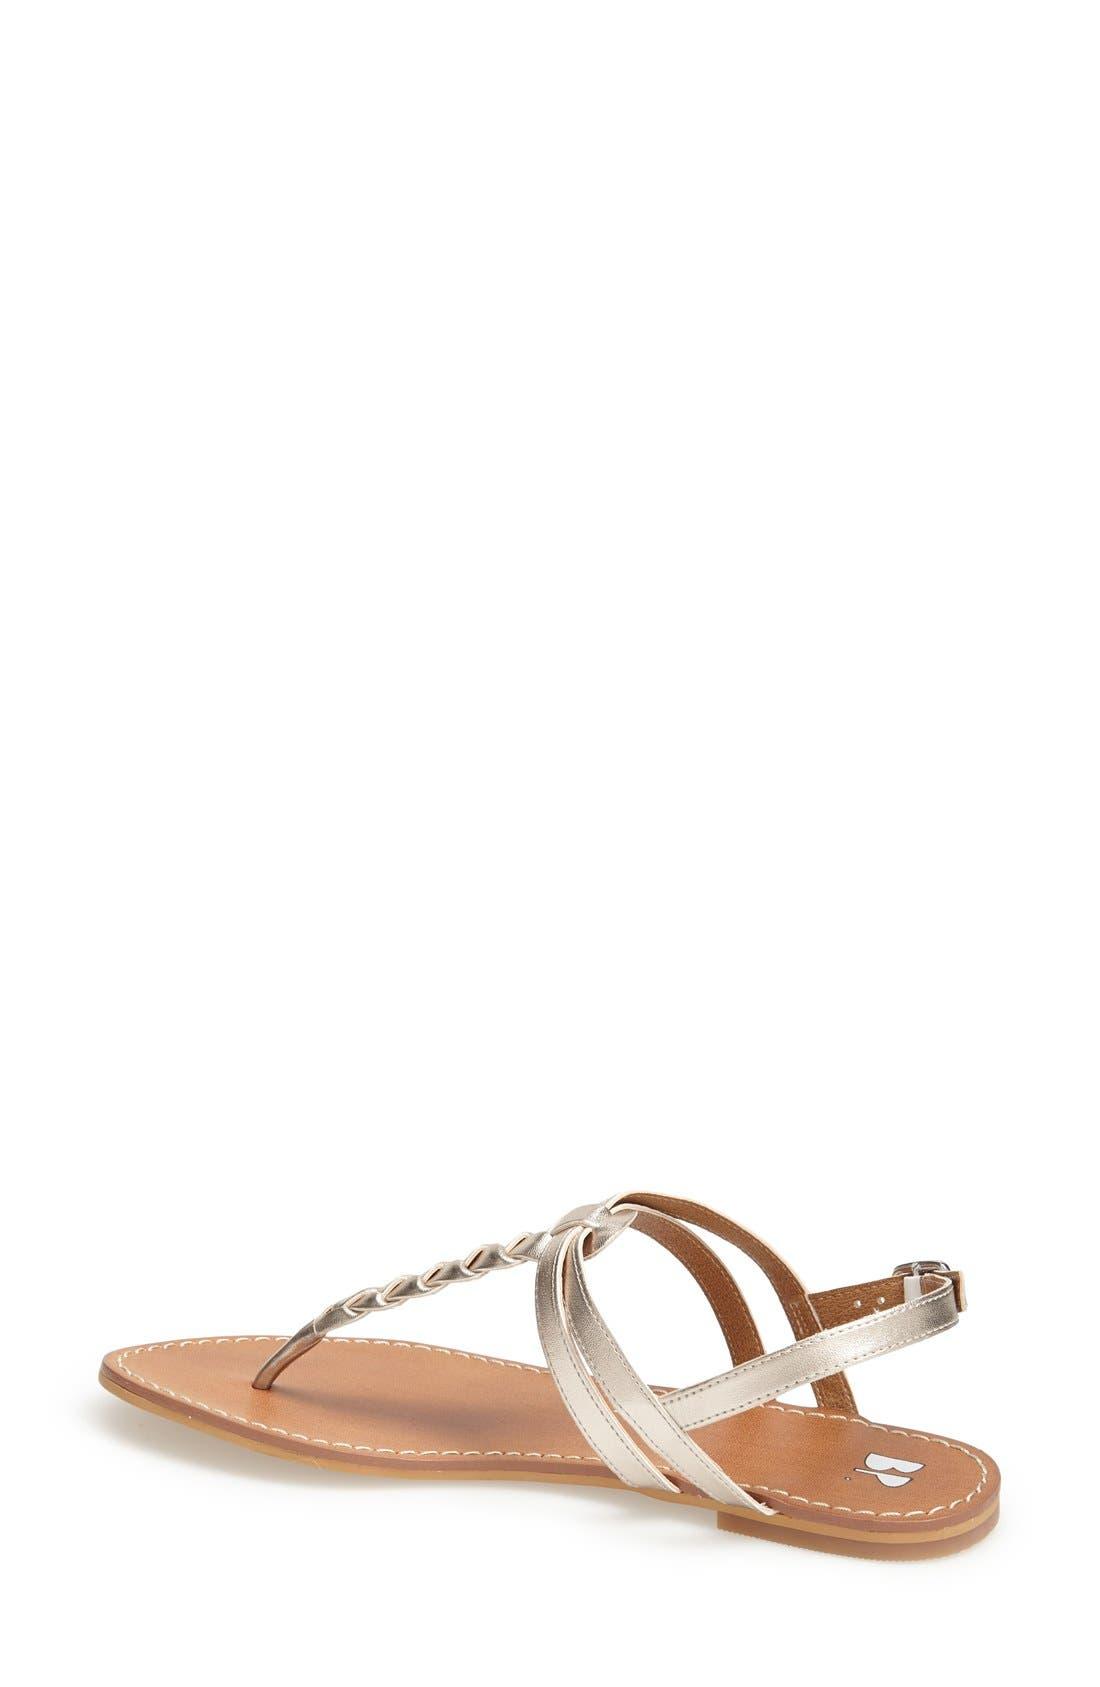 Alternate Image 2  - BP. 'Surf' Flat Sandal (Women)